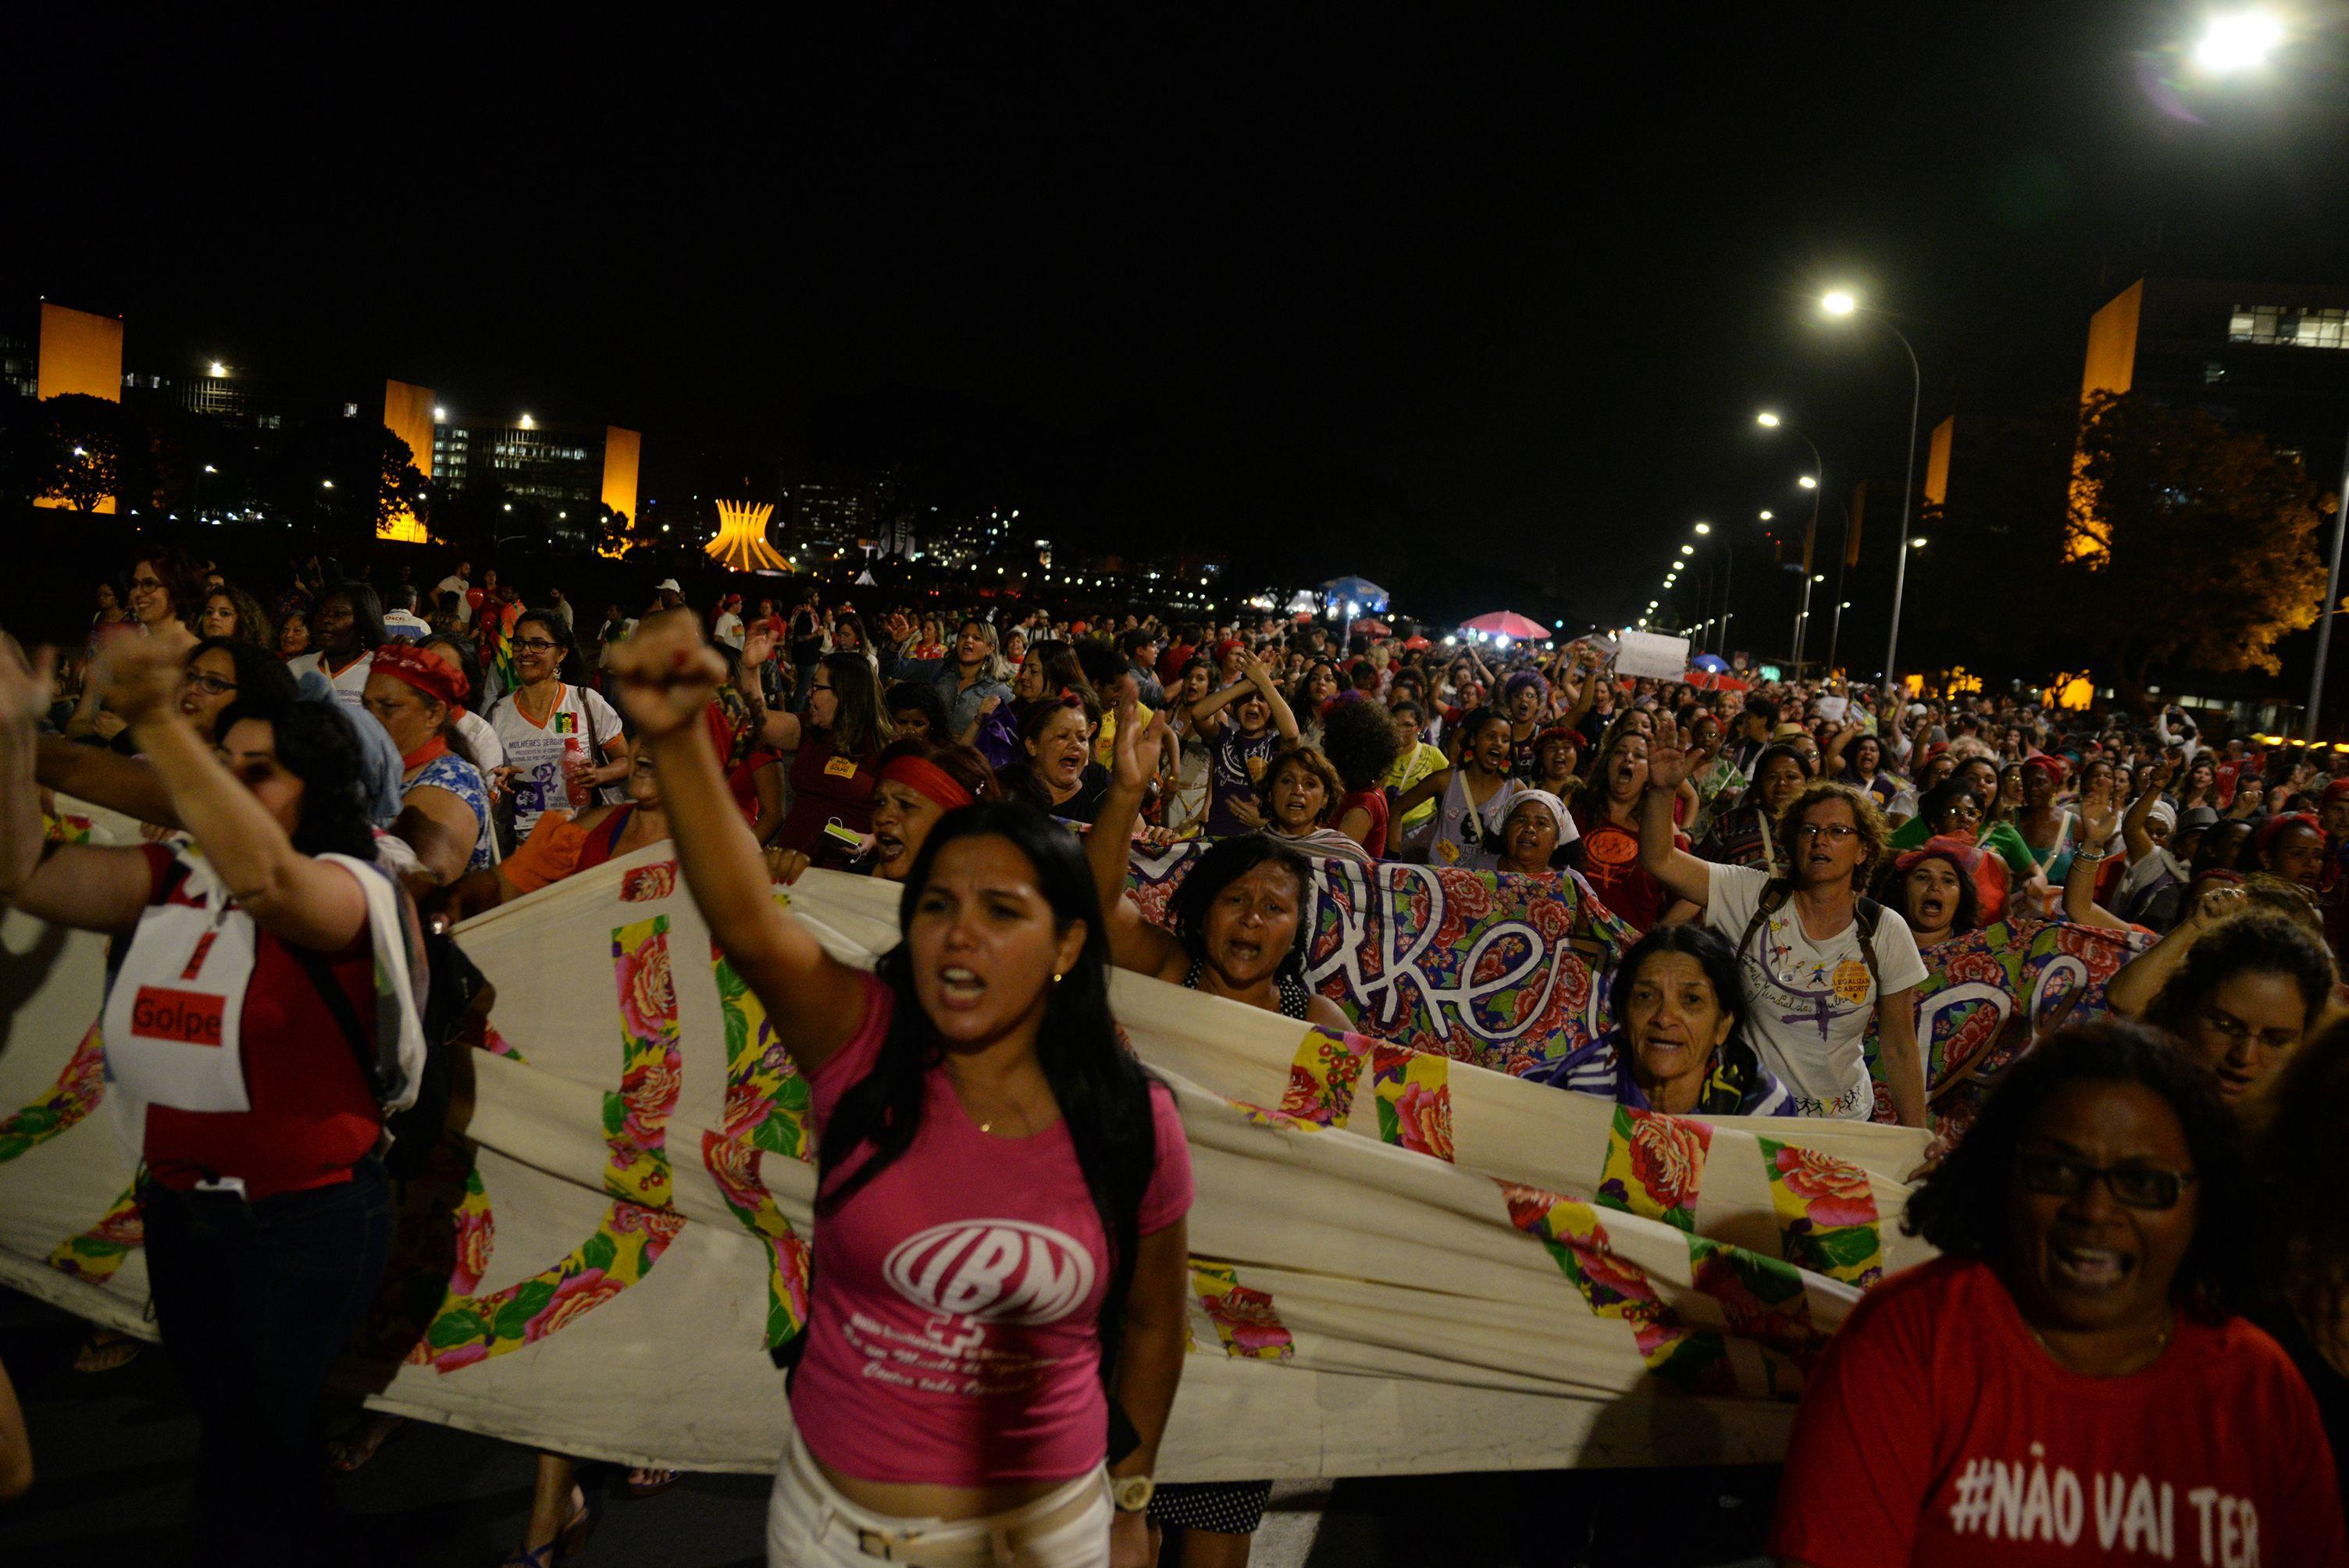 Bombas de gás lacrimogêneo e spray de pimenta foram utilizados contra os manifestantes pró-Dilma em frente ao Congresso Nacional. Movimentos prometem reforçar a resistência em um eventual governo Temer para não permitir retrocessos.